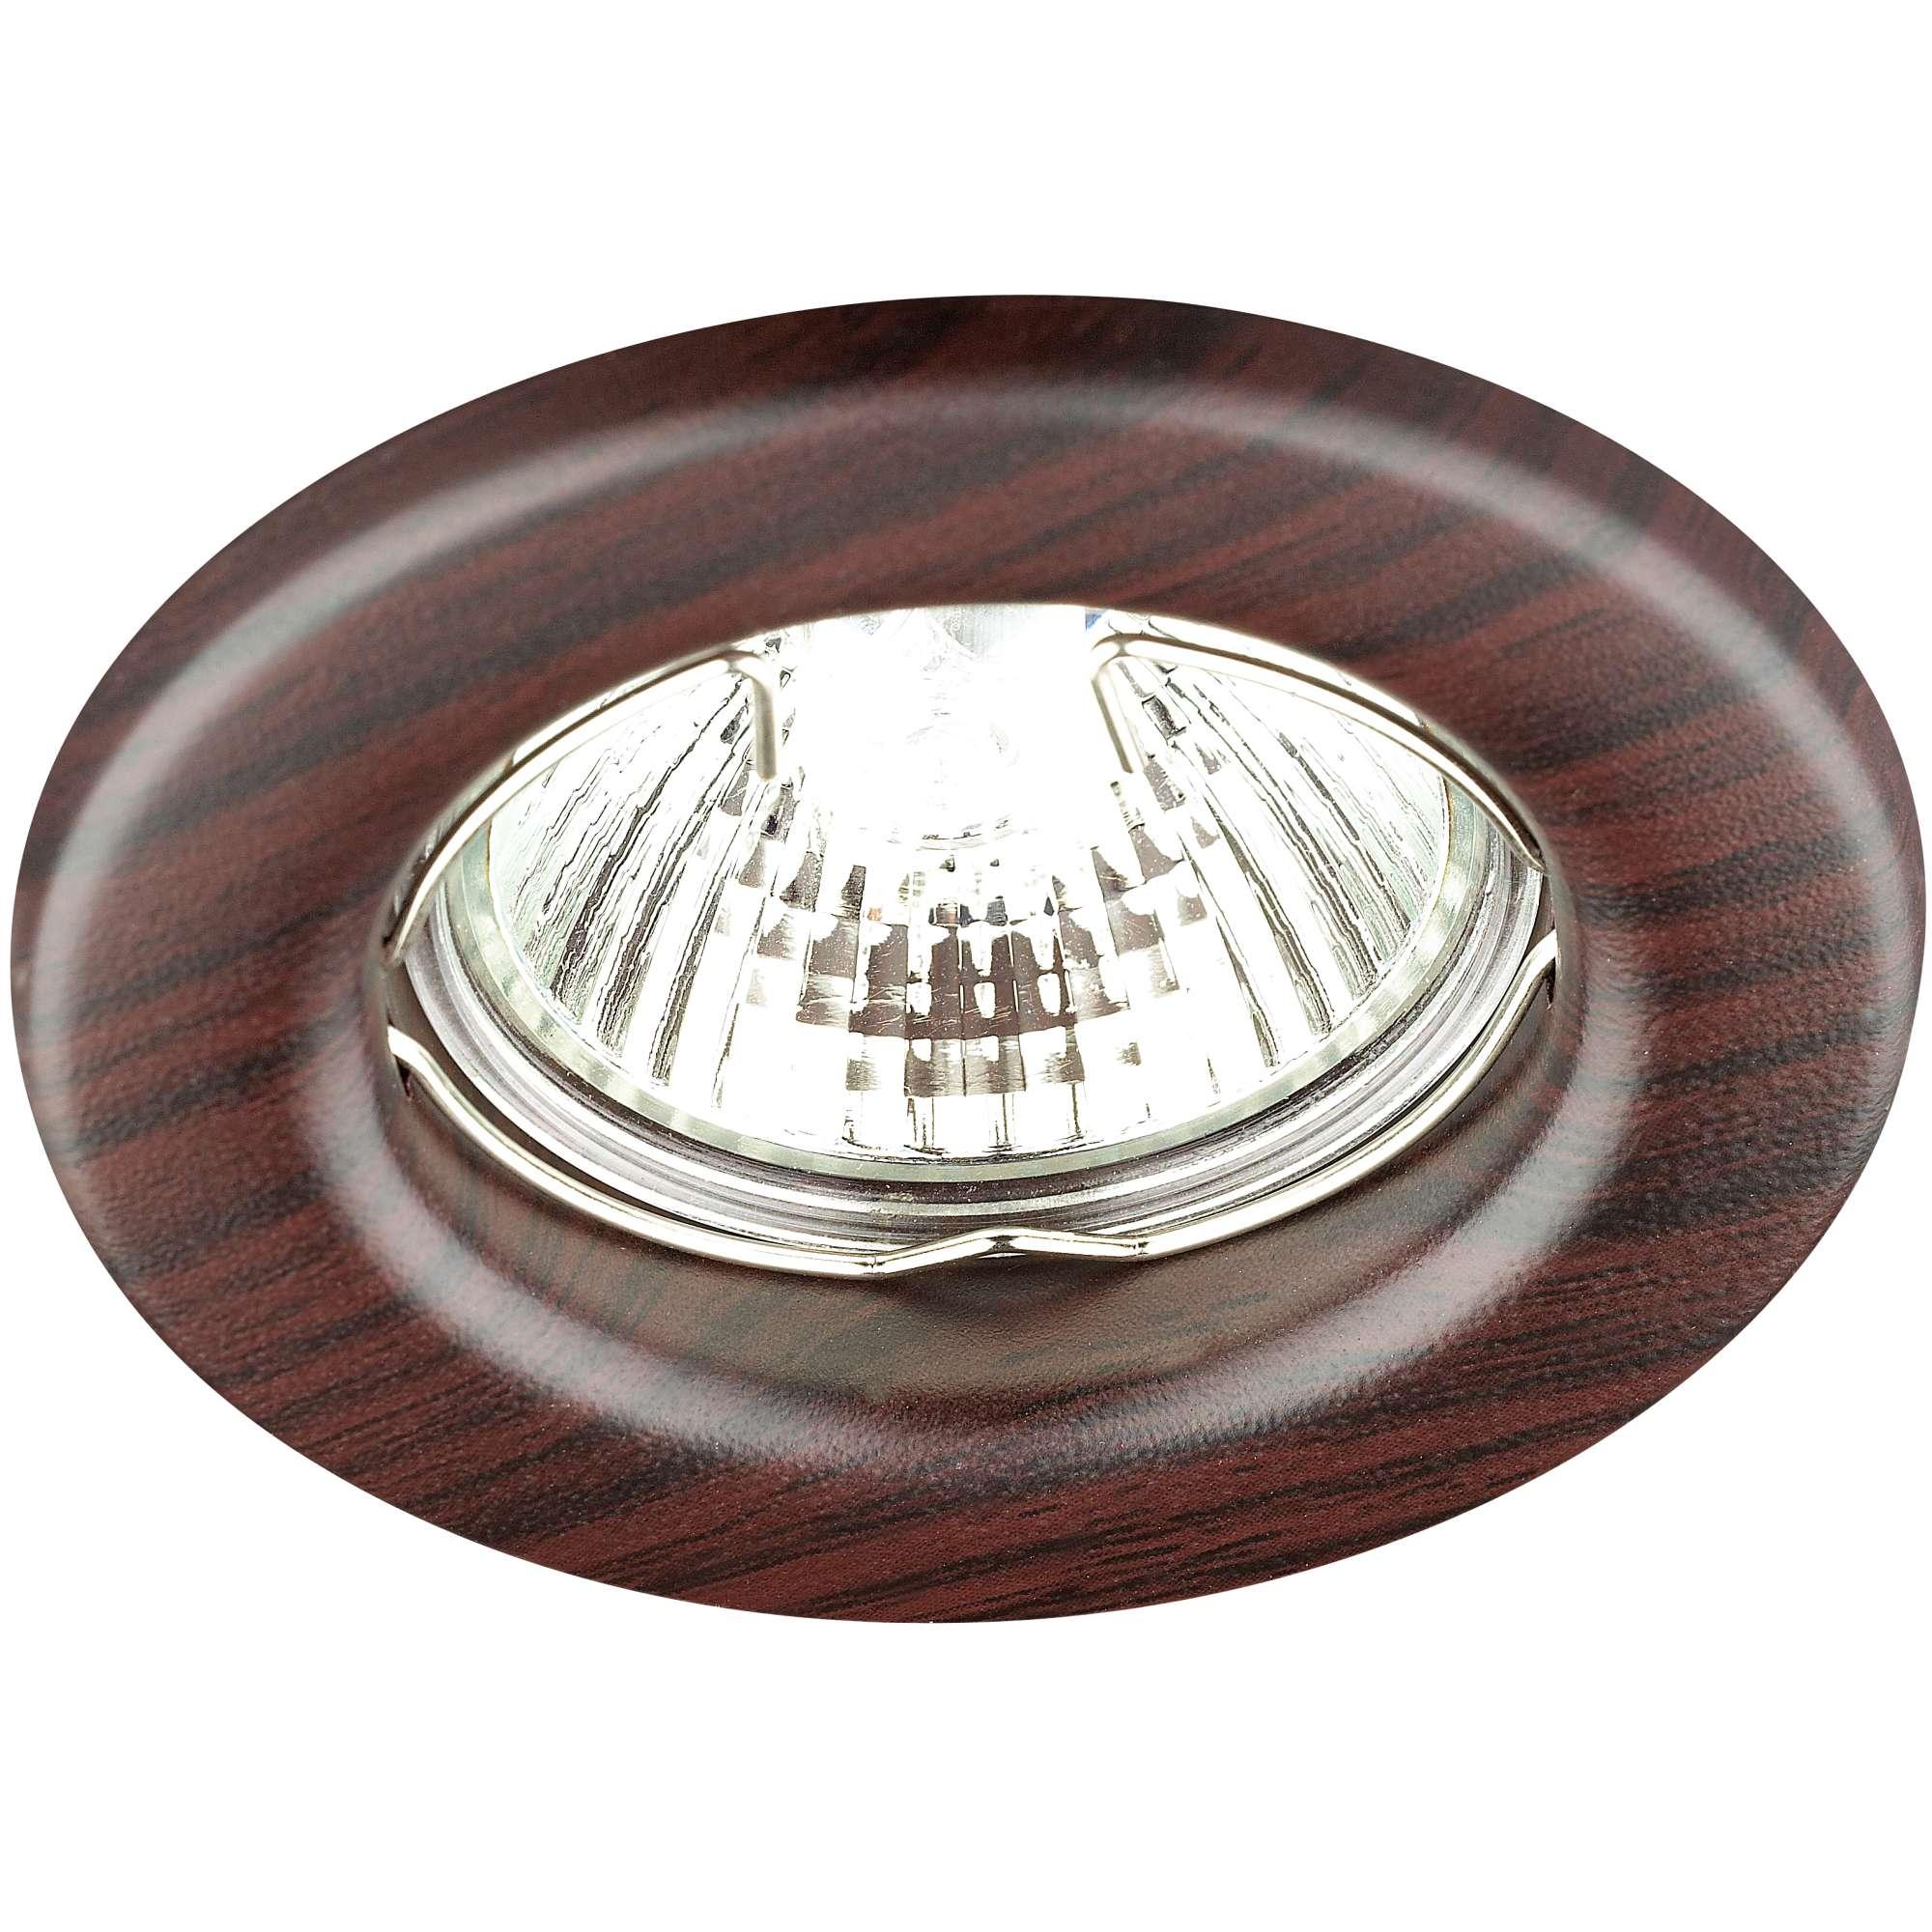 Купить Светильник встраиваемый Novotech Wood nt12 156 369715